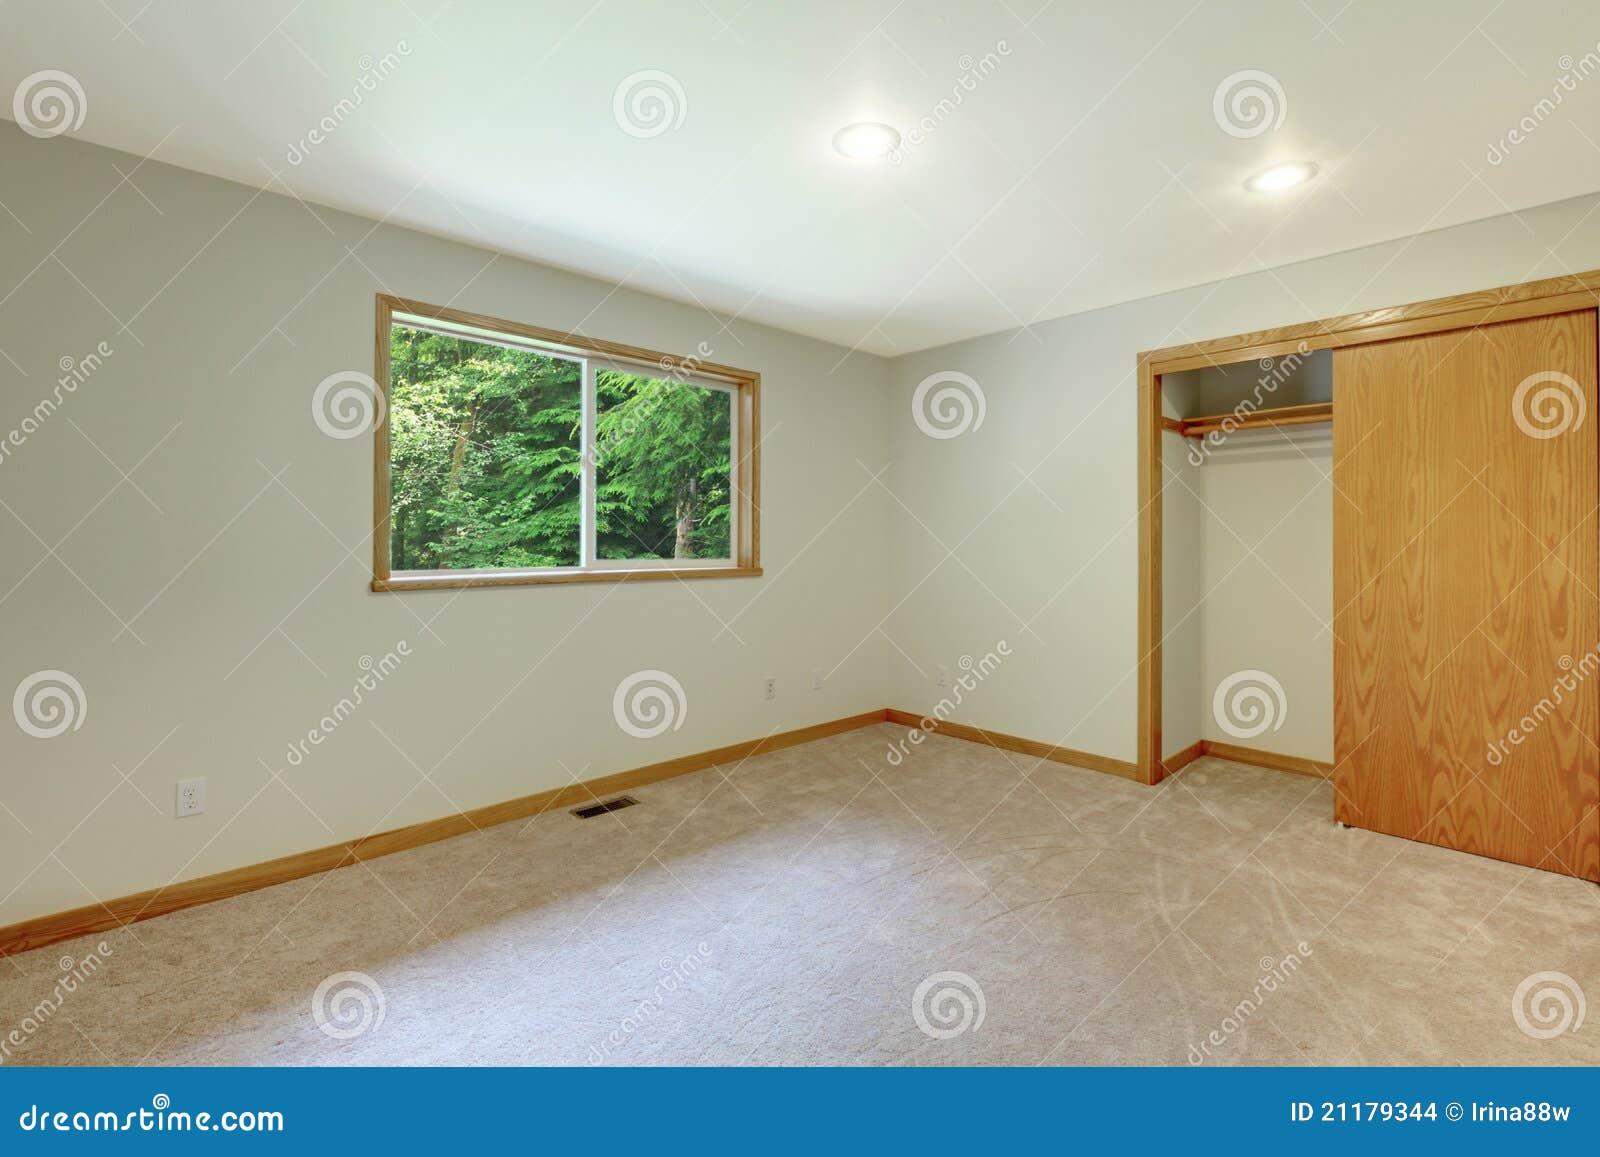 Empty new white room with open closet door.